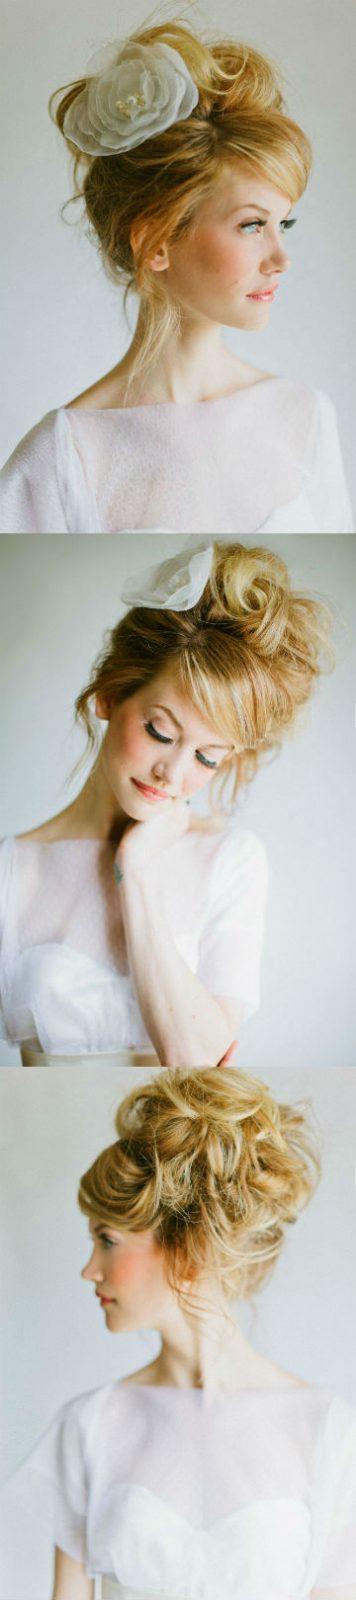 Hochzeitsfrisur, Blume im Haar